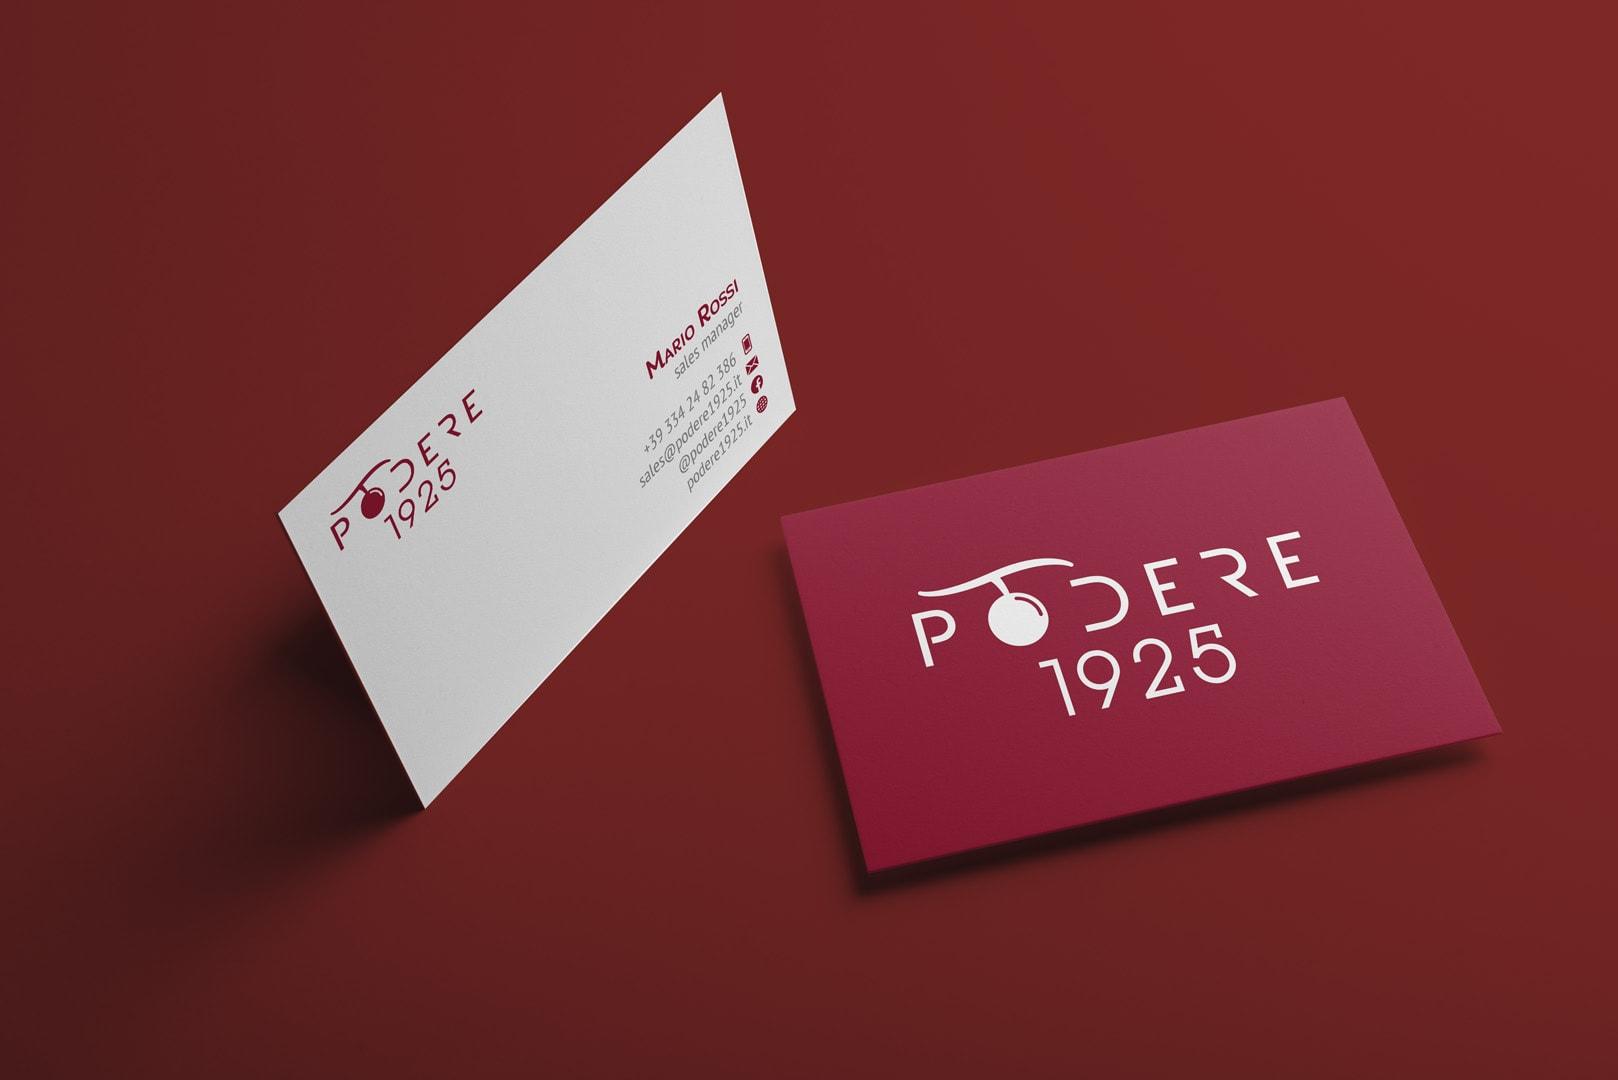 Podere 1925 by Delfi Adv